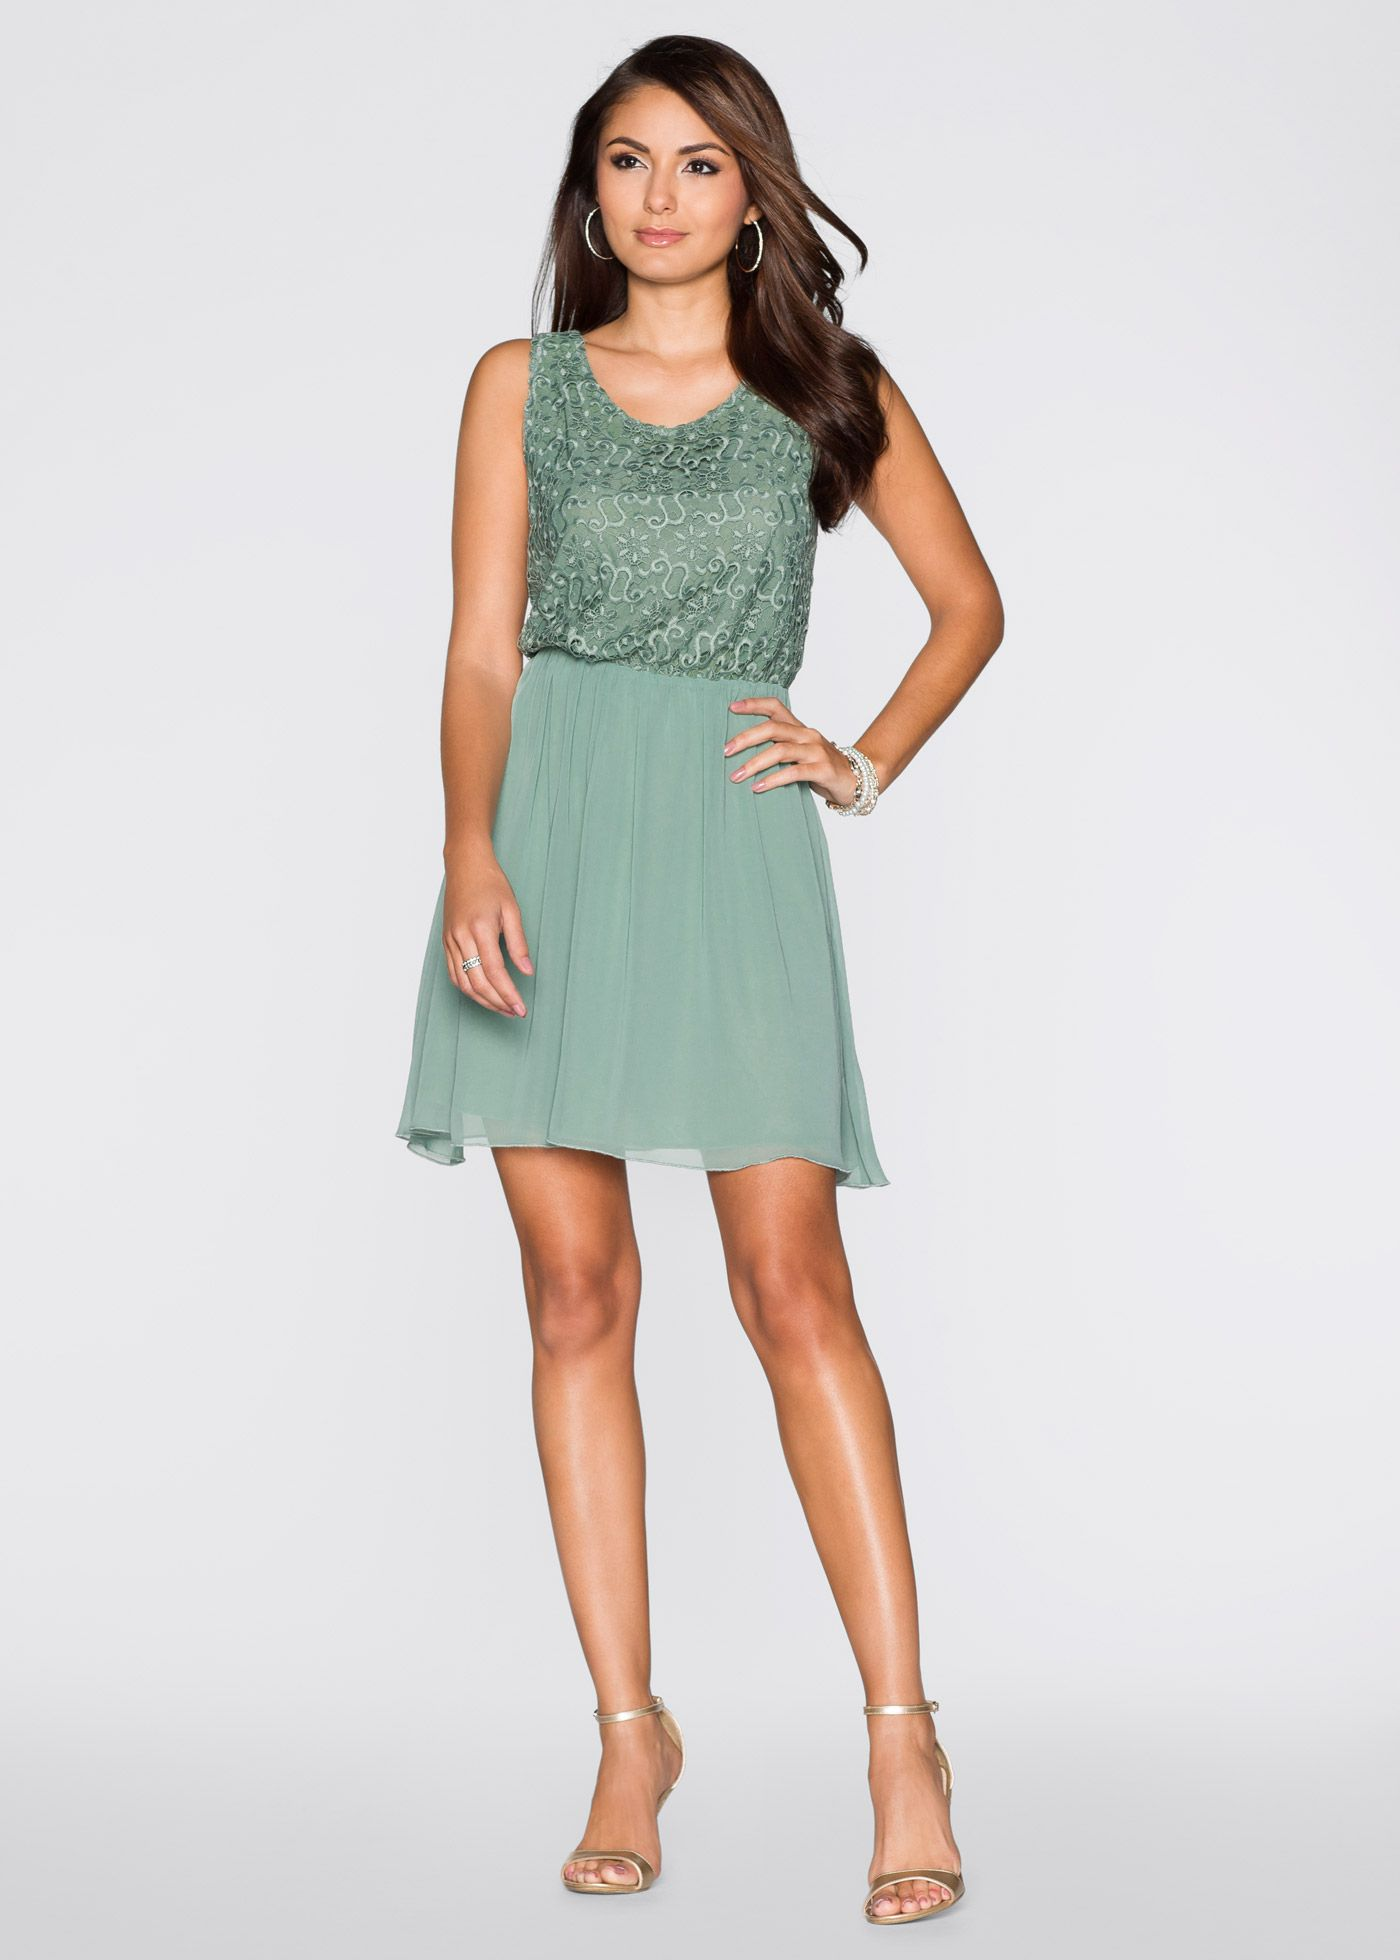 Kleid mint - BODYFLIRT jetzt im Online Shop von bonprix.de ...